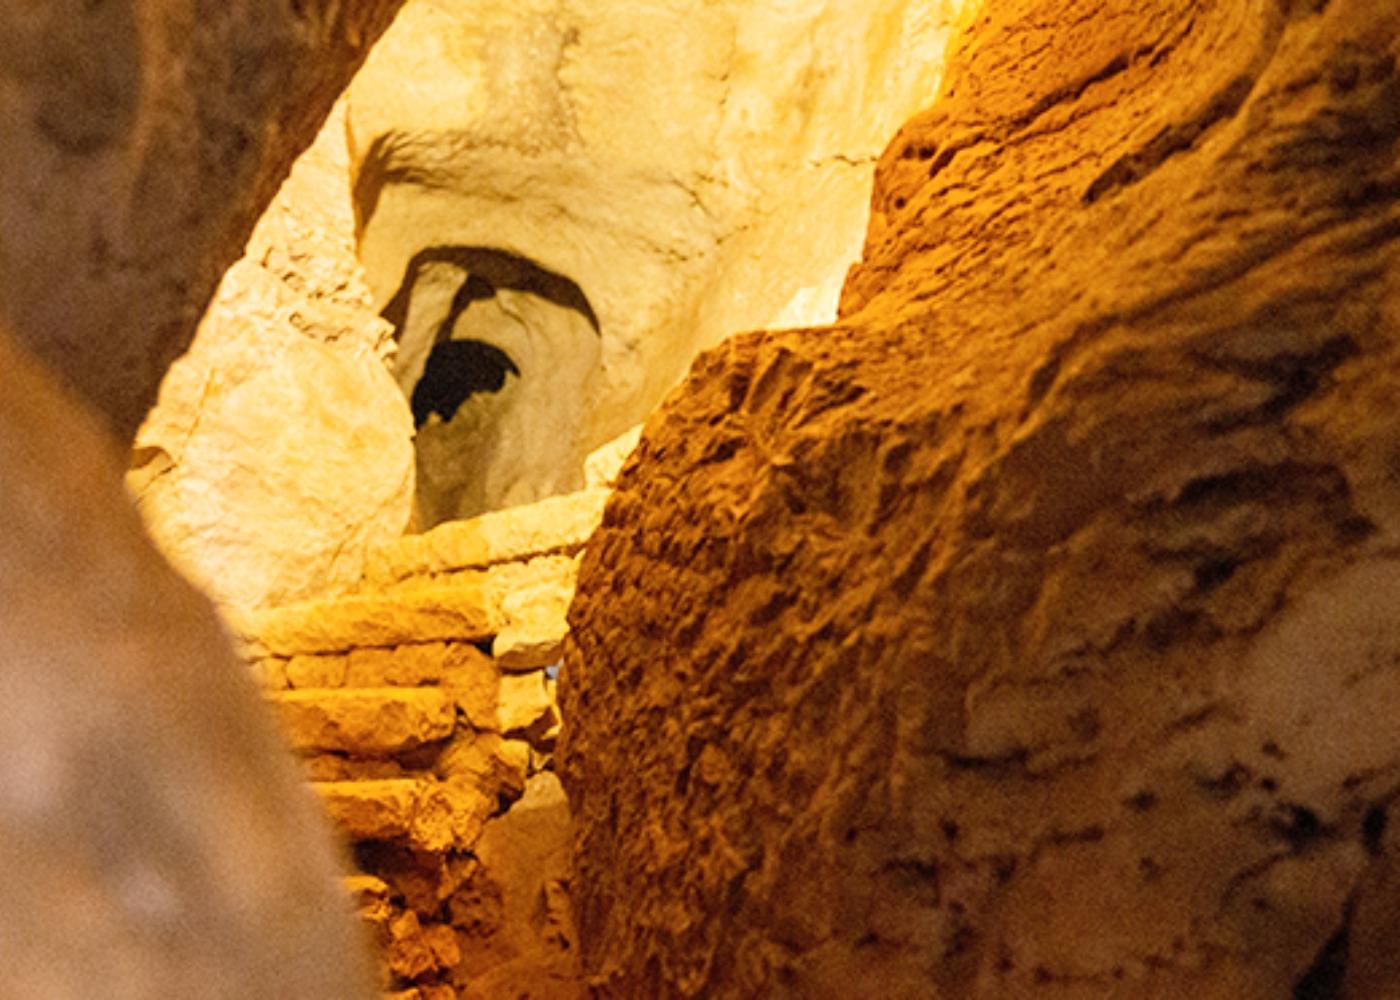 Pormenor das grutas do Poço velho